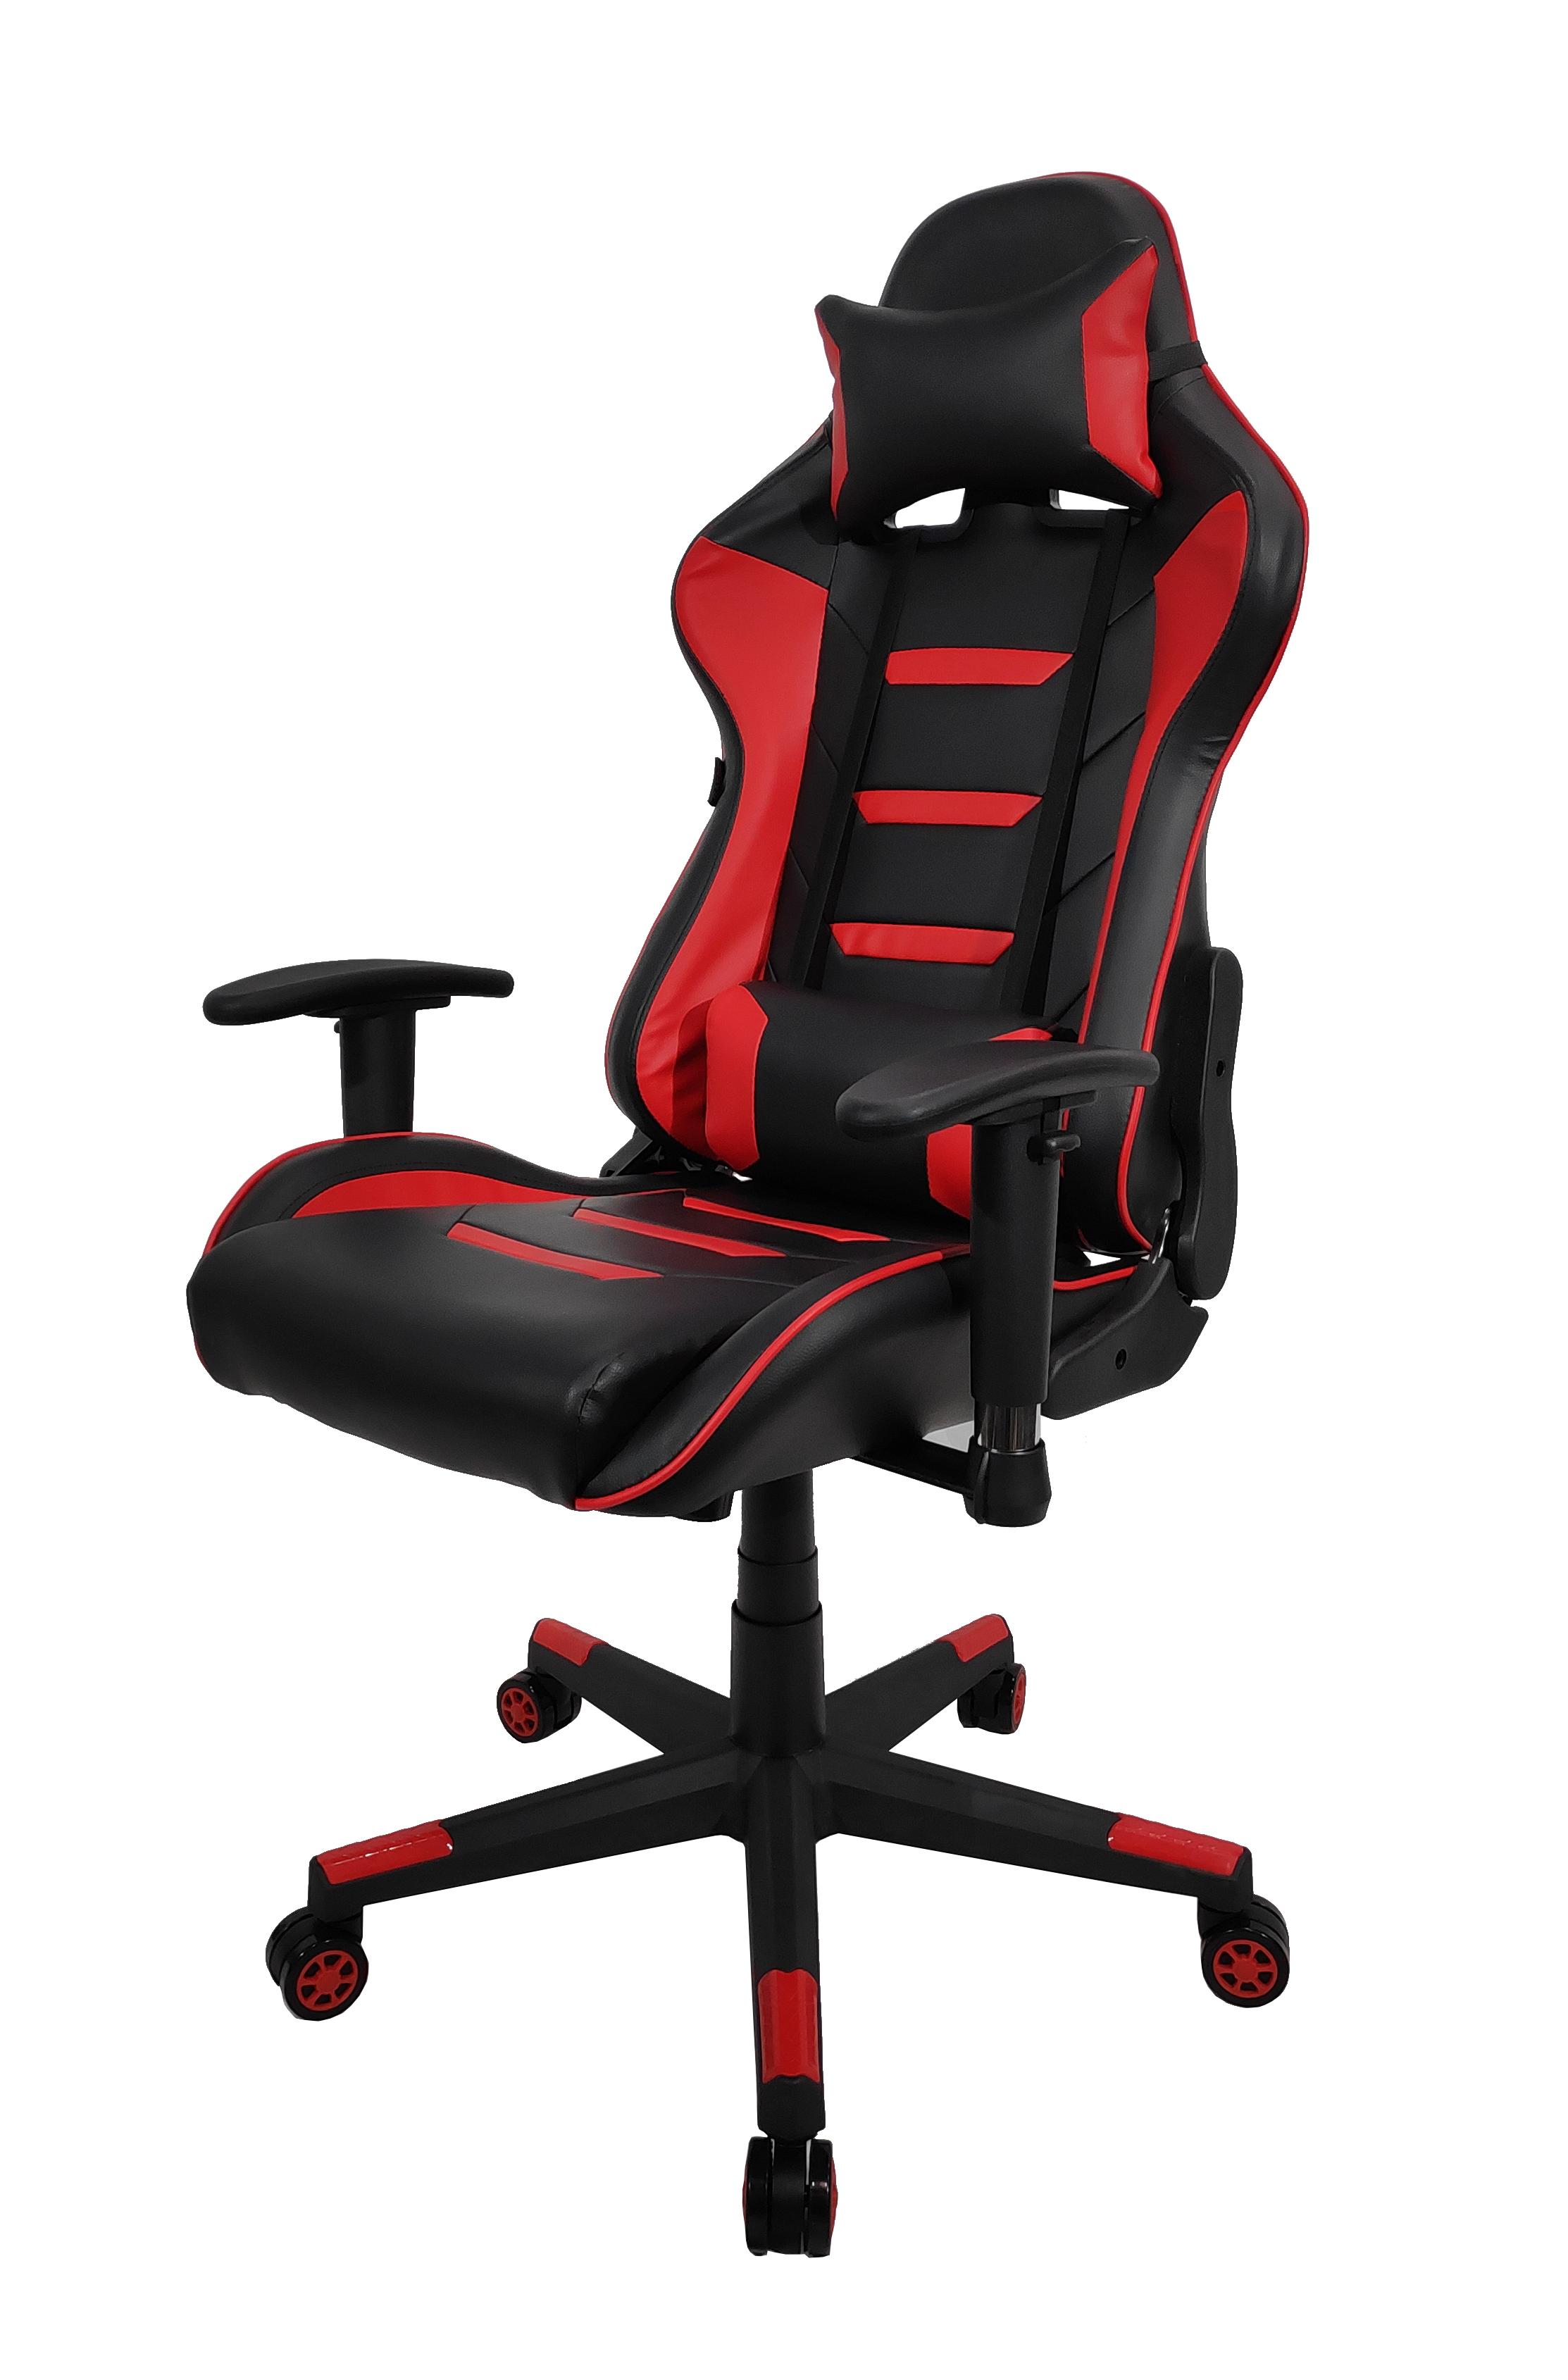 Игровое кресло Raybe K-5936 1066656, красный/черный